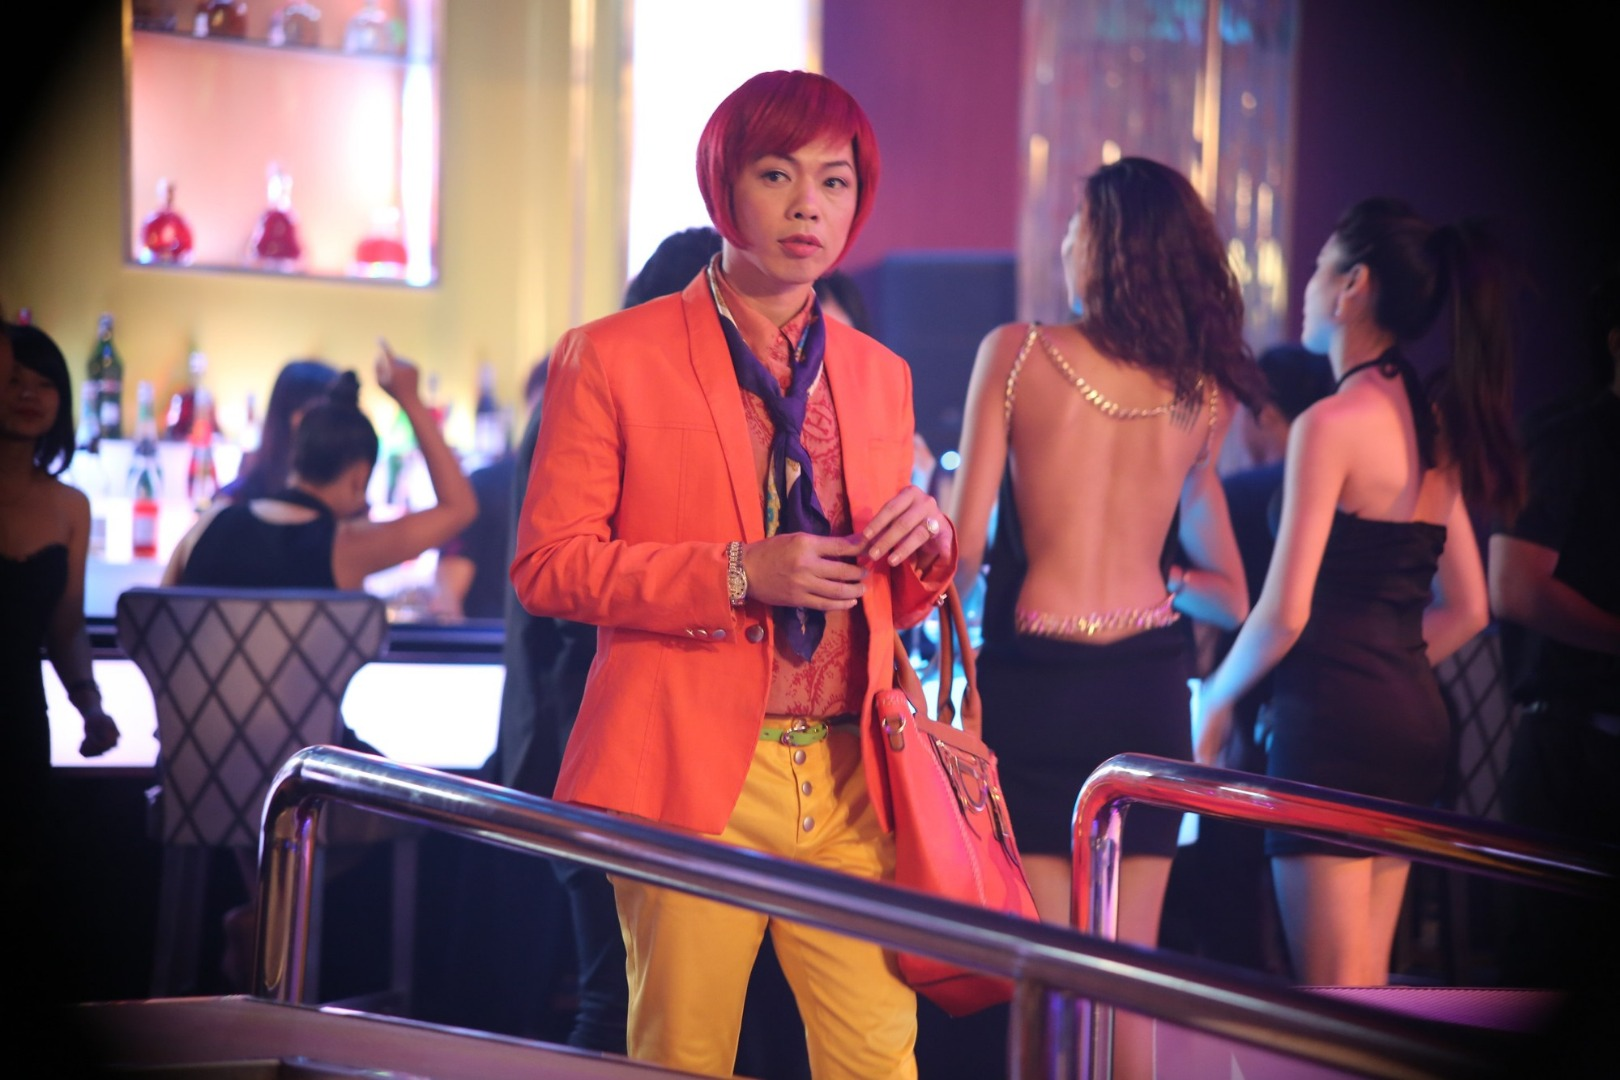 Phim điện ảnh Việt Nam với 5 cột mốc doanh thu lịch sử đáng nhớ nhất